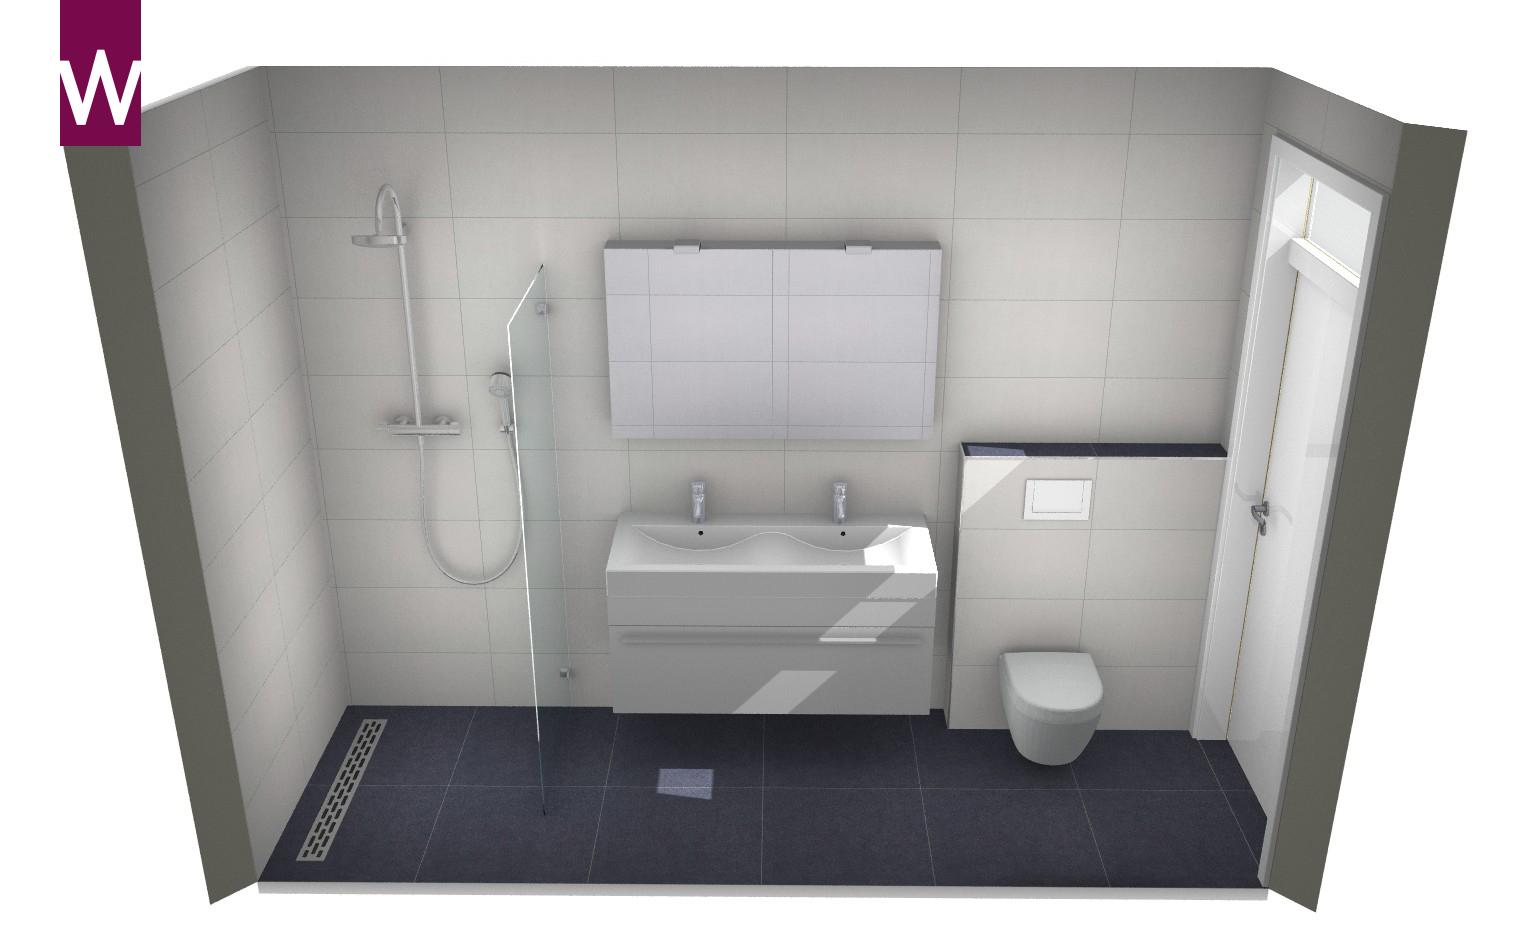 Kleine Badkamer Ideeen Zonder Bad : Smalle kleine badkamer - Kleine ...